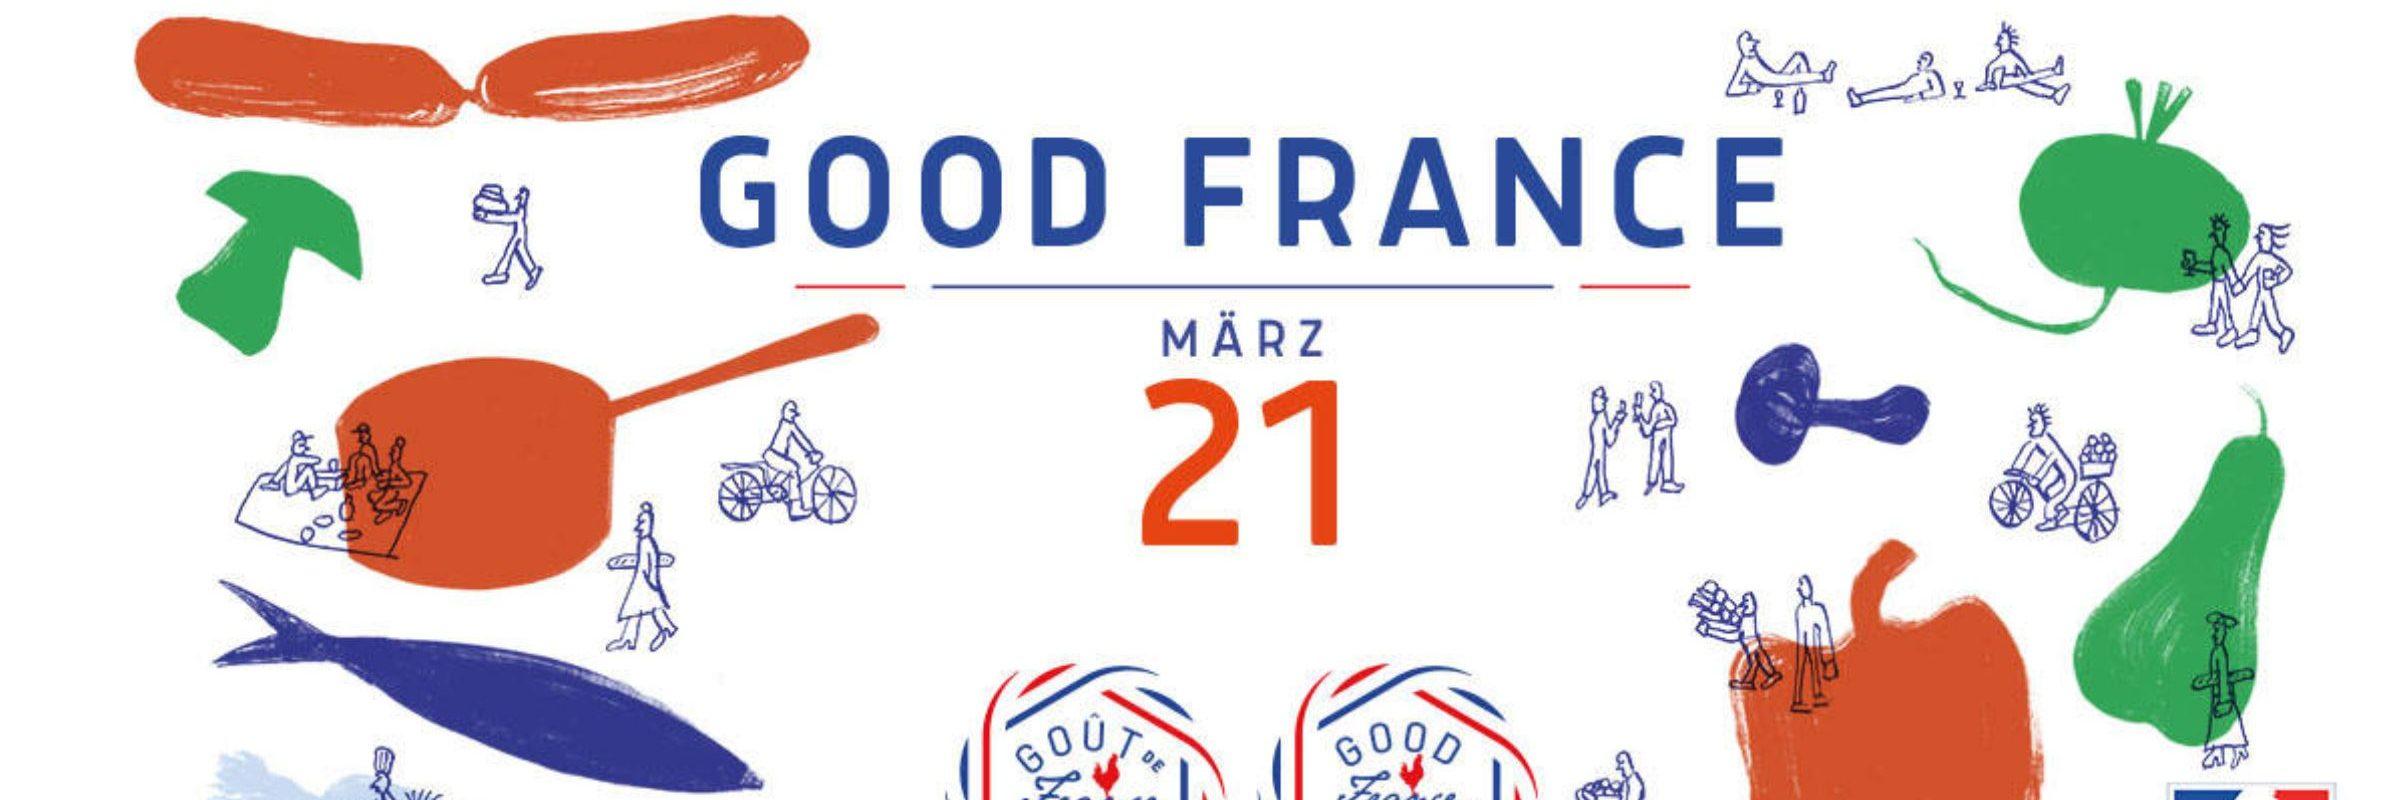 Good France Goute de France